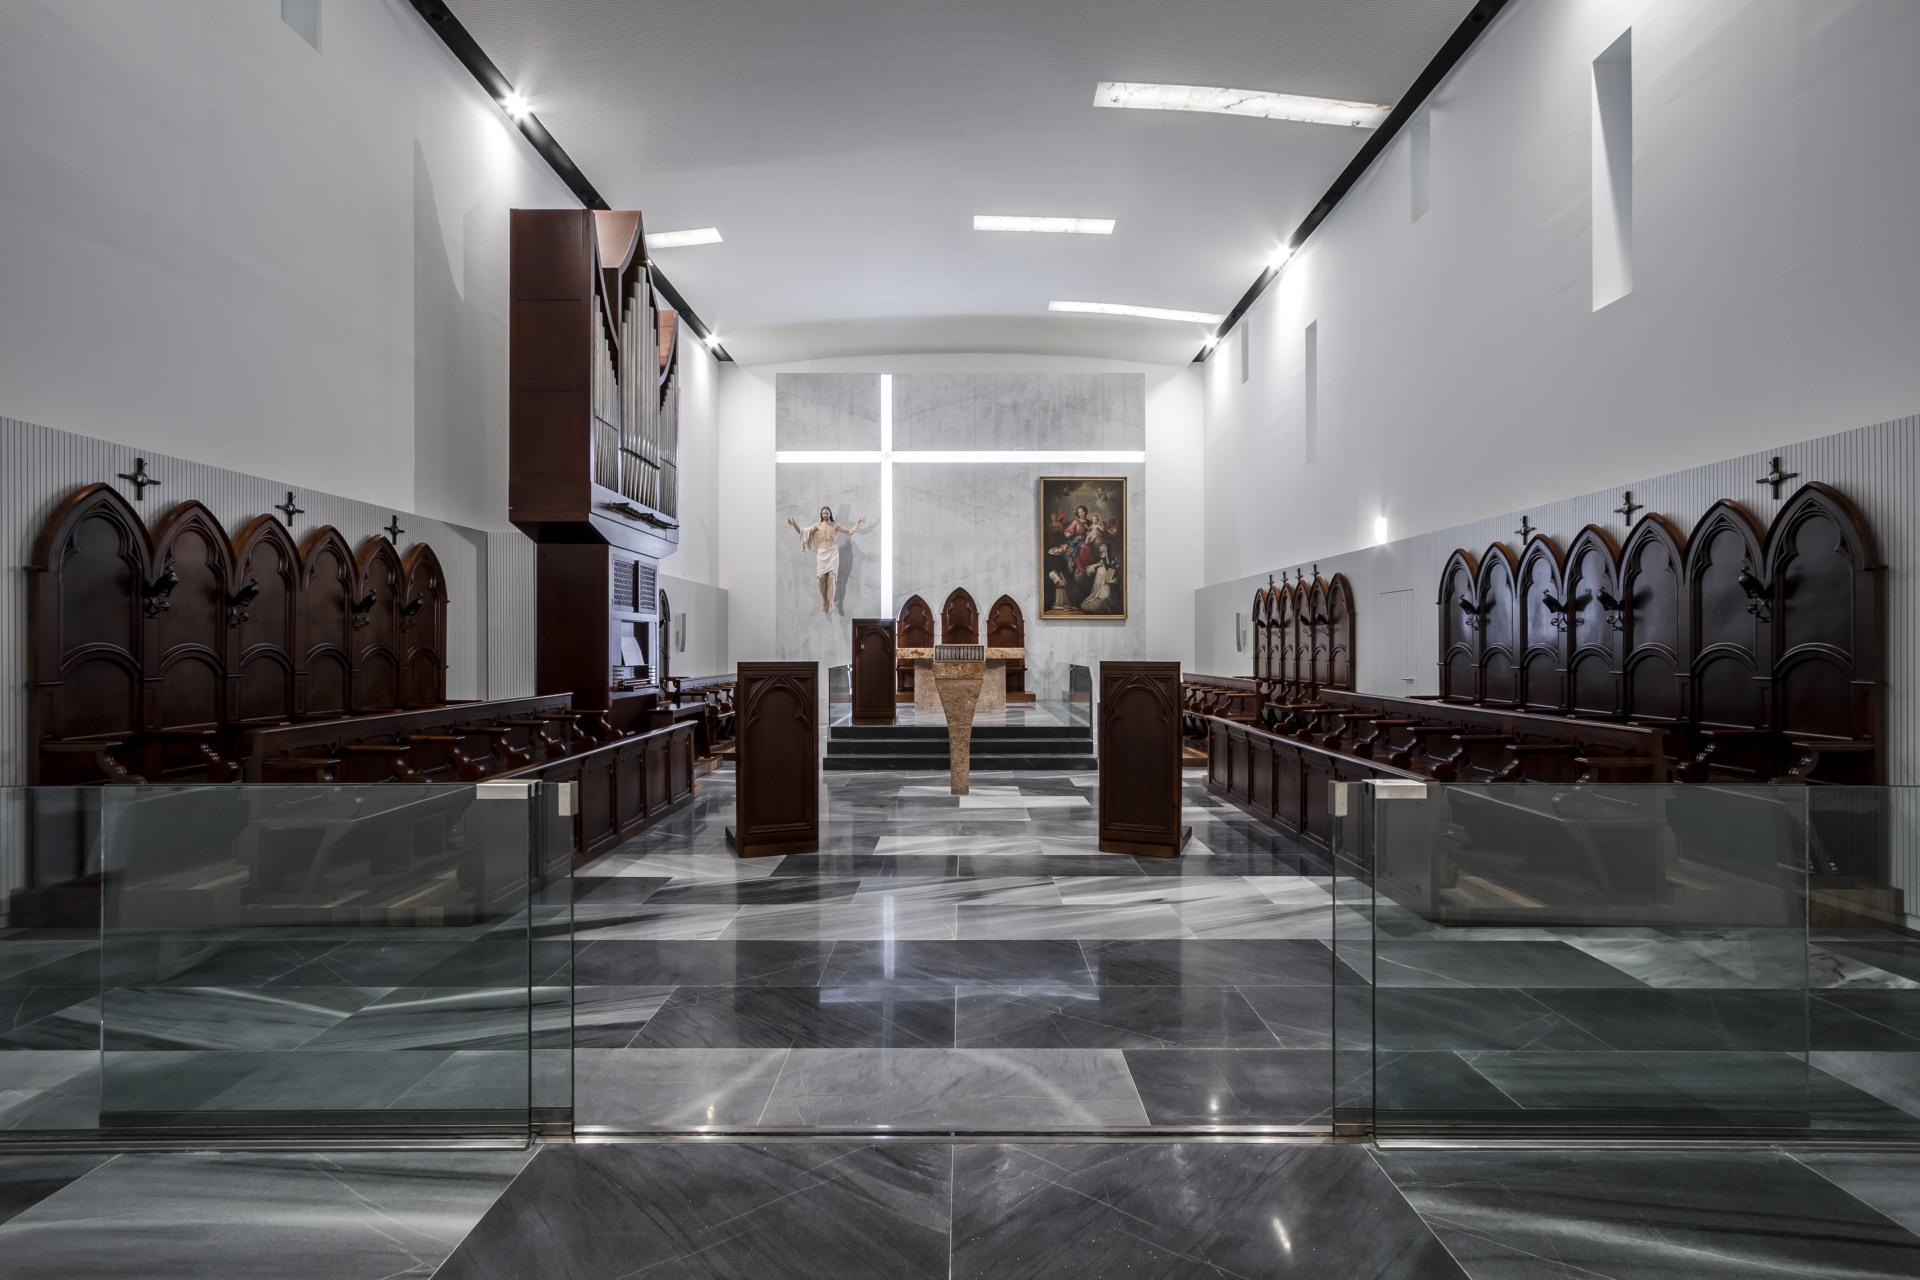 fotografia-arquitectura-valencia-german-cabo-hernandez-monasterio (53)